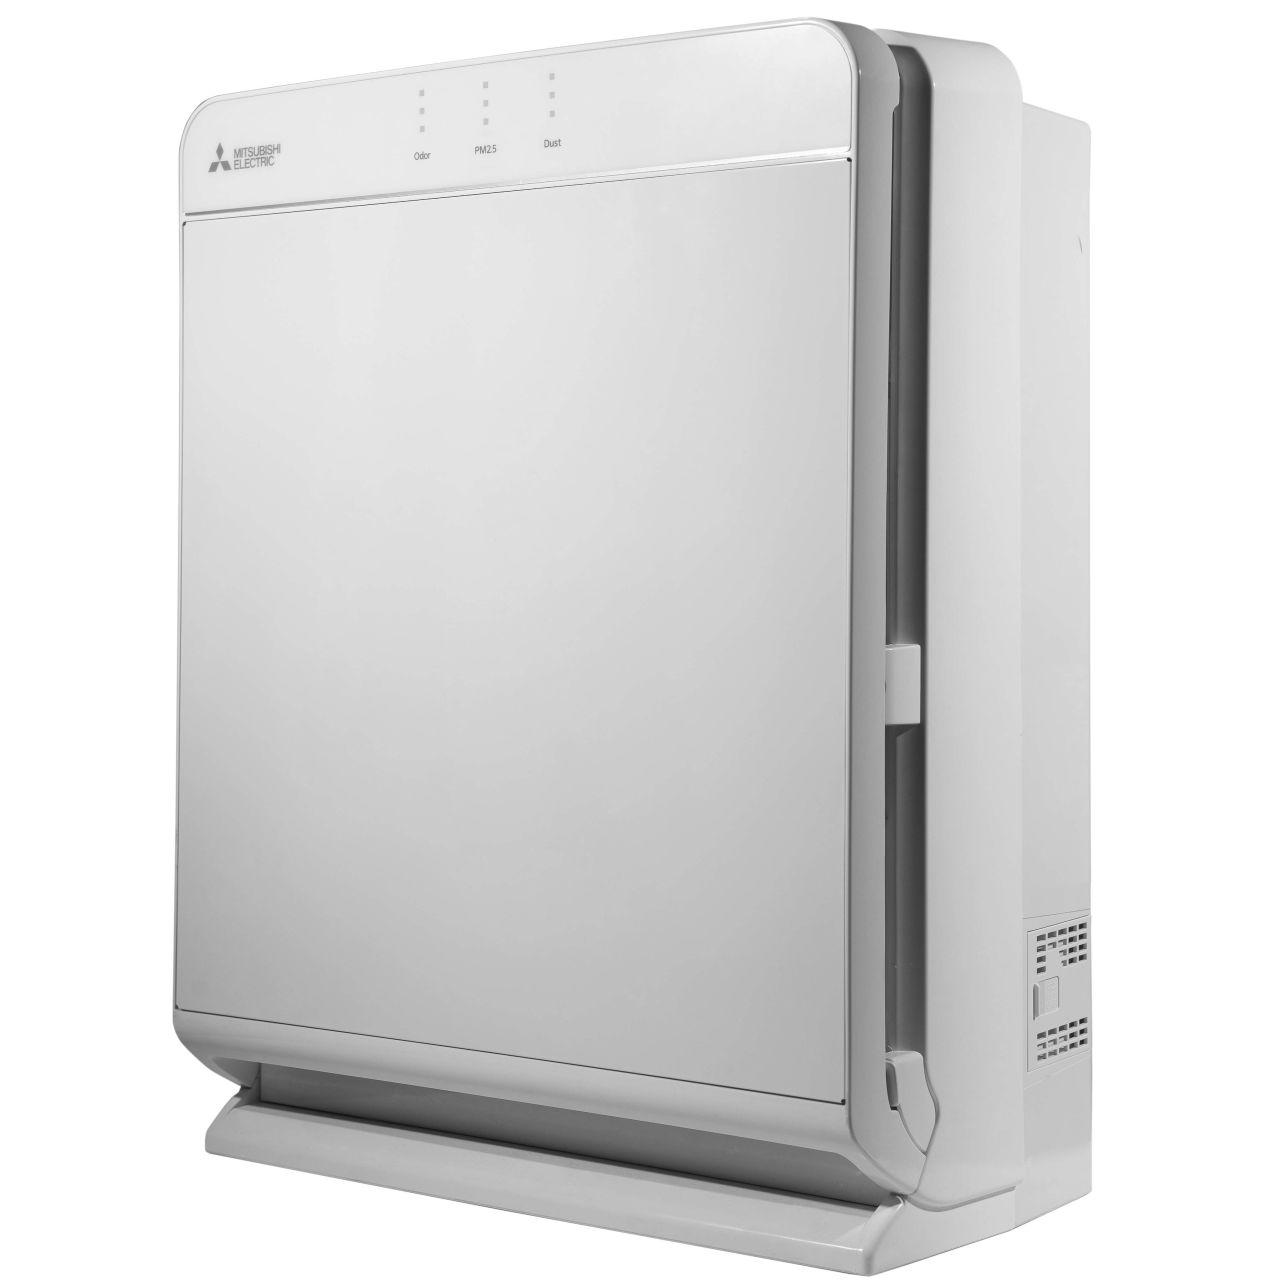 Mobile Luftreinigungssysteme für private und gewerbliche Anwendungen